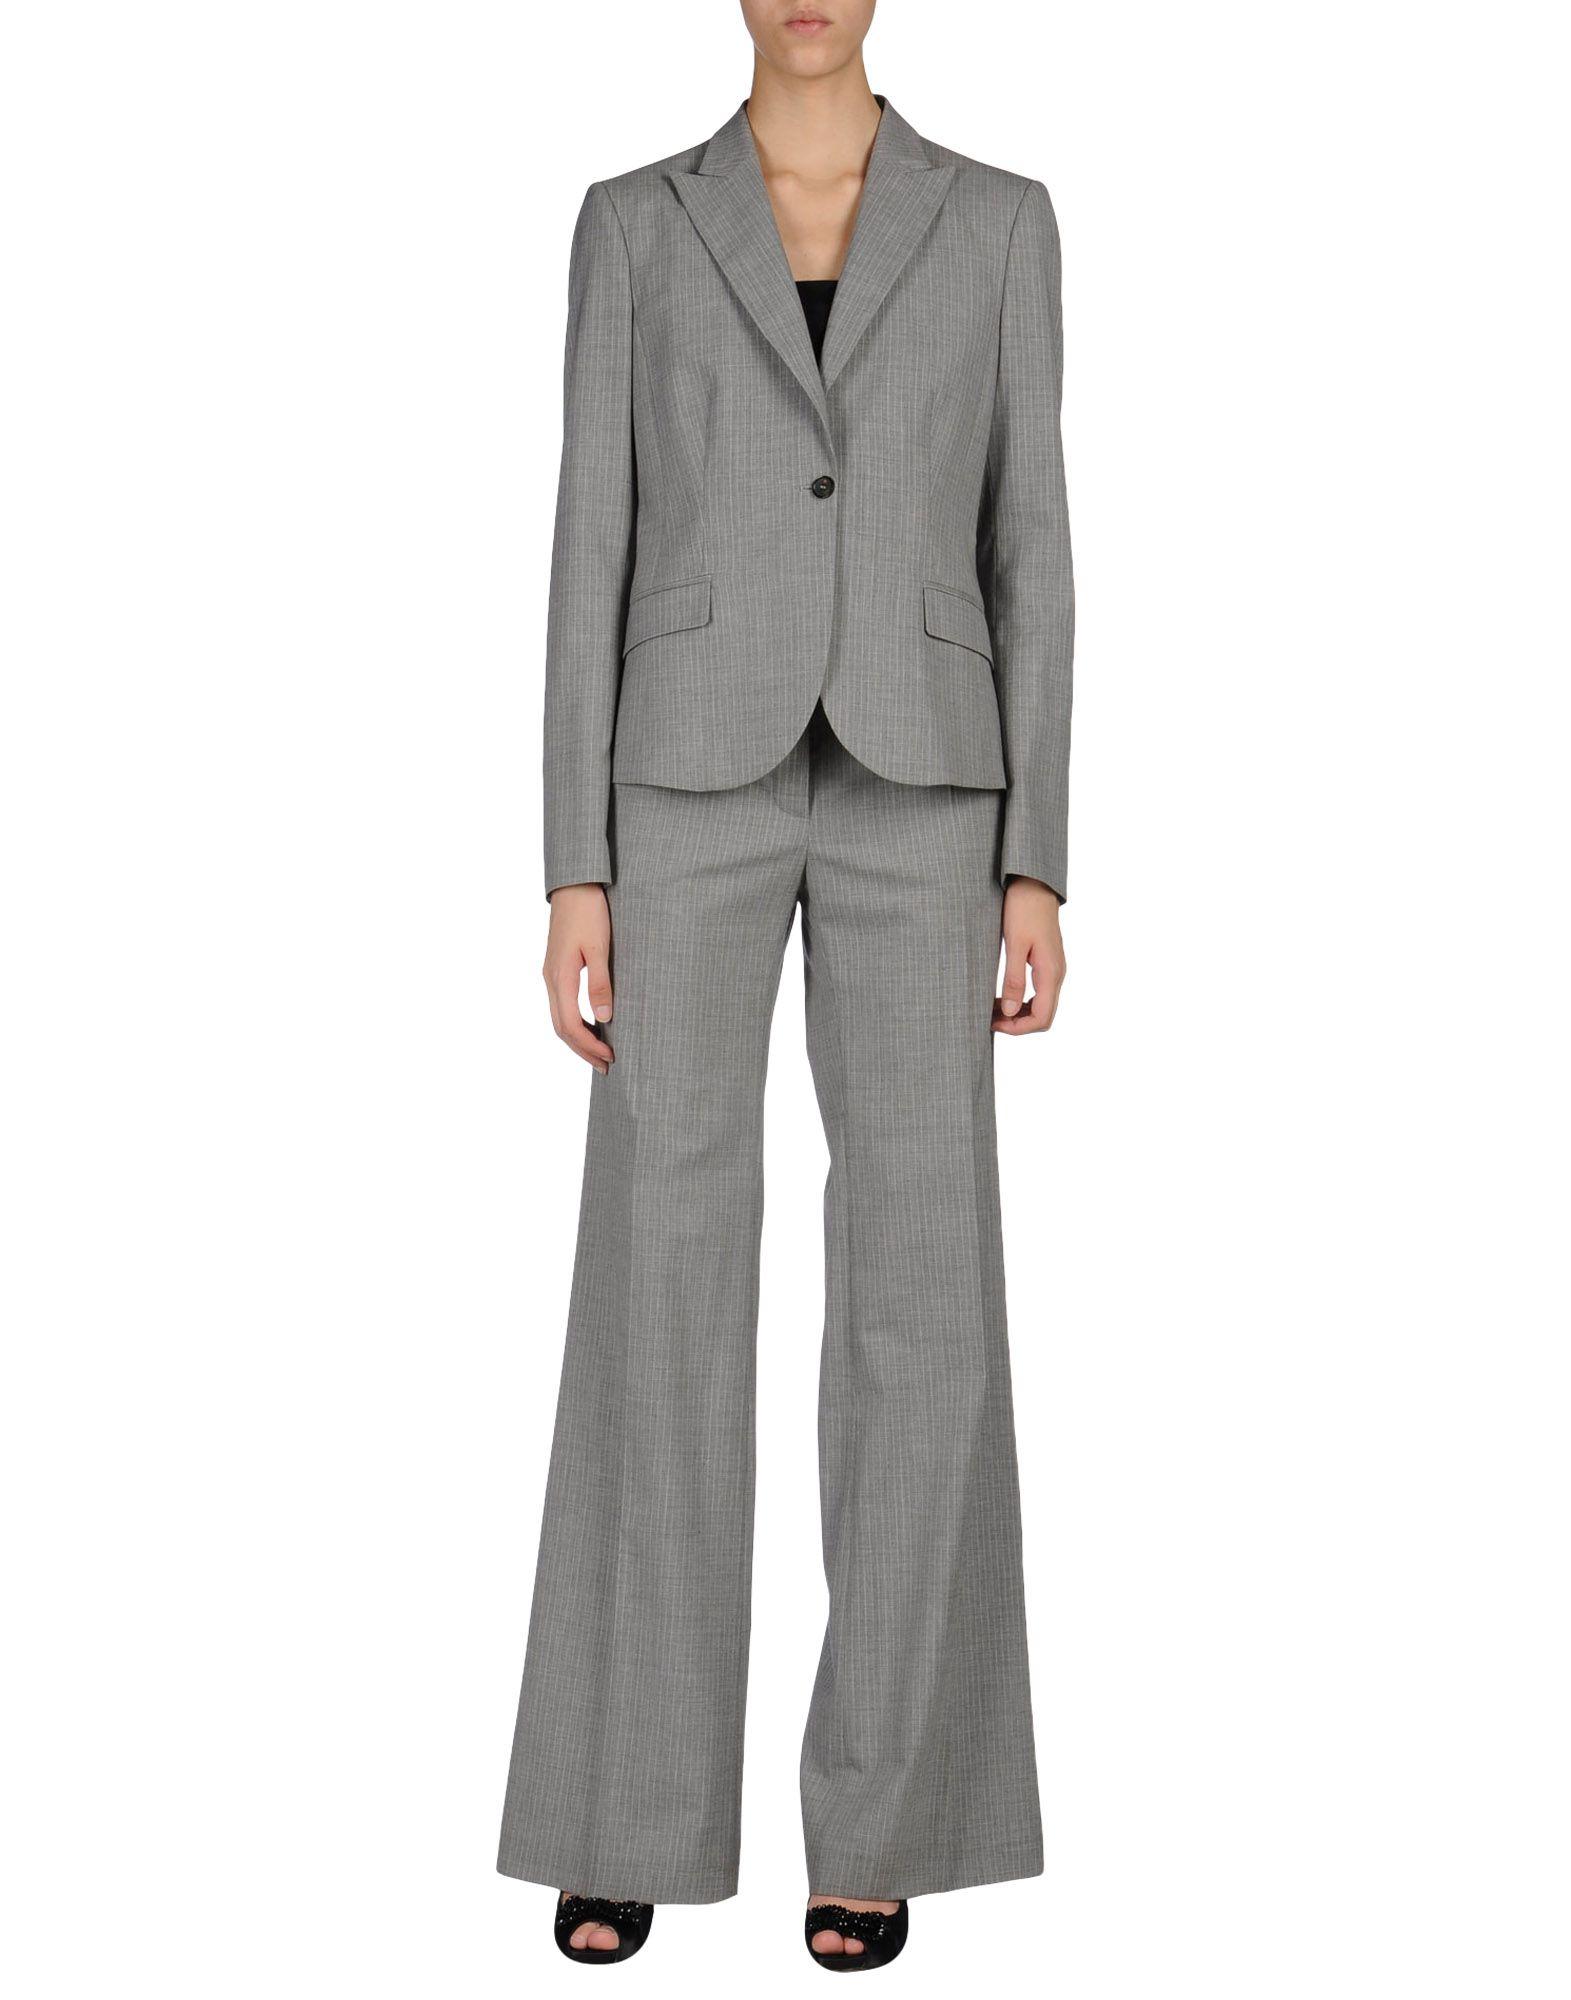 Indispensables en el armario de una mujer, las chaquetas y chalecos son una prenda de ropa que necesitamos para completar nuestro look. Tienes que pensar en la comodidad de la chaqueta que tiene que poder acompañarte a lo largo de la primavera.